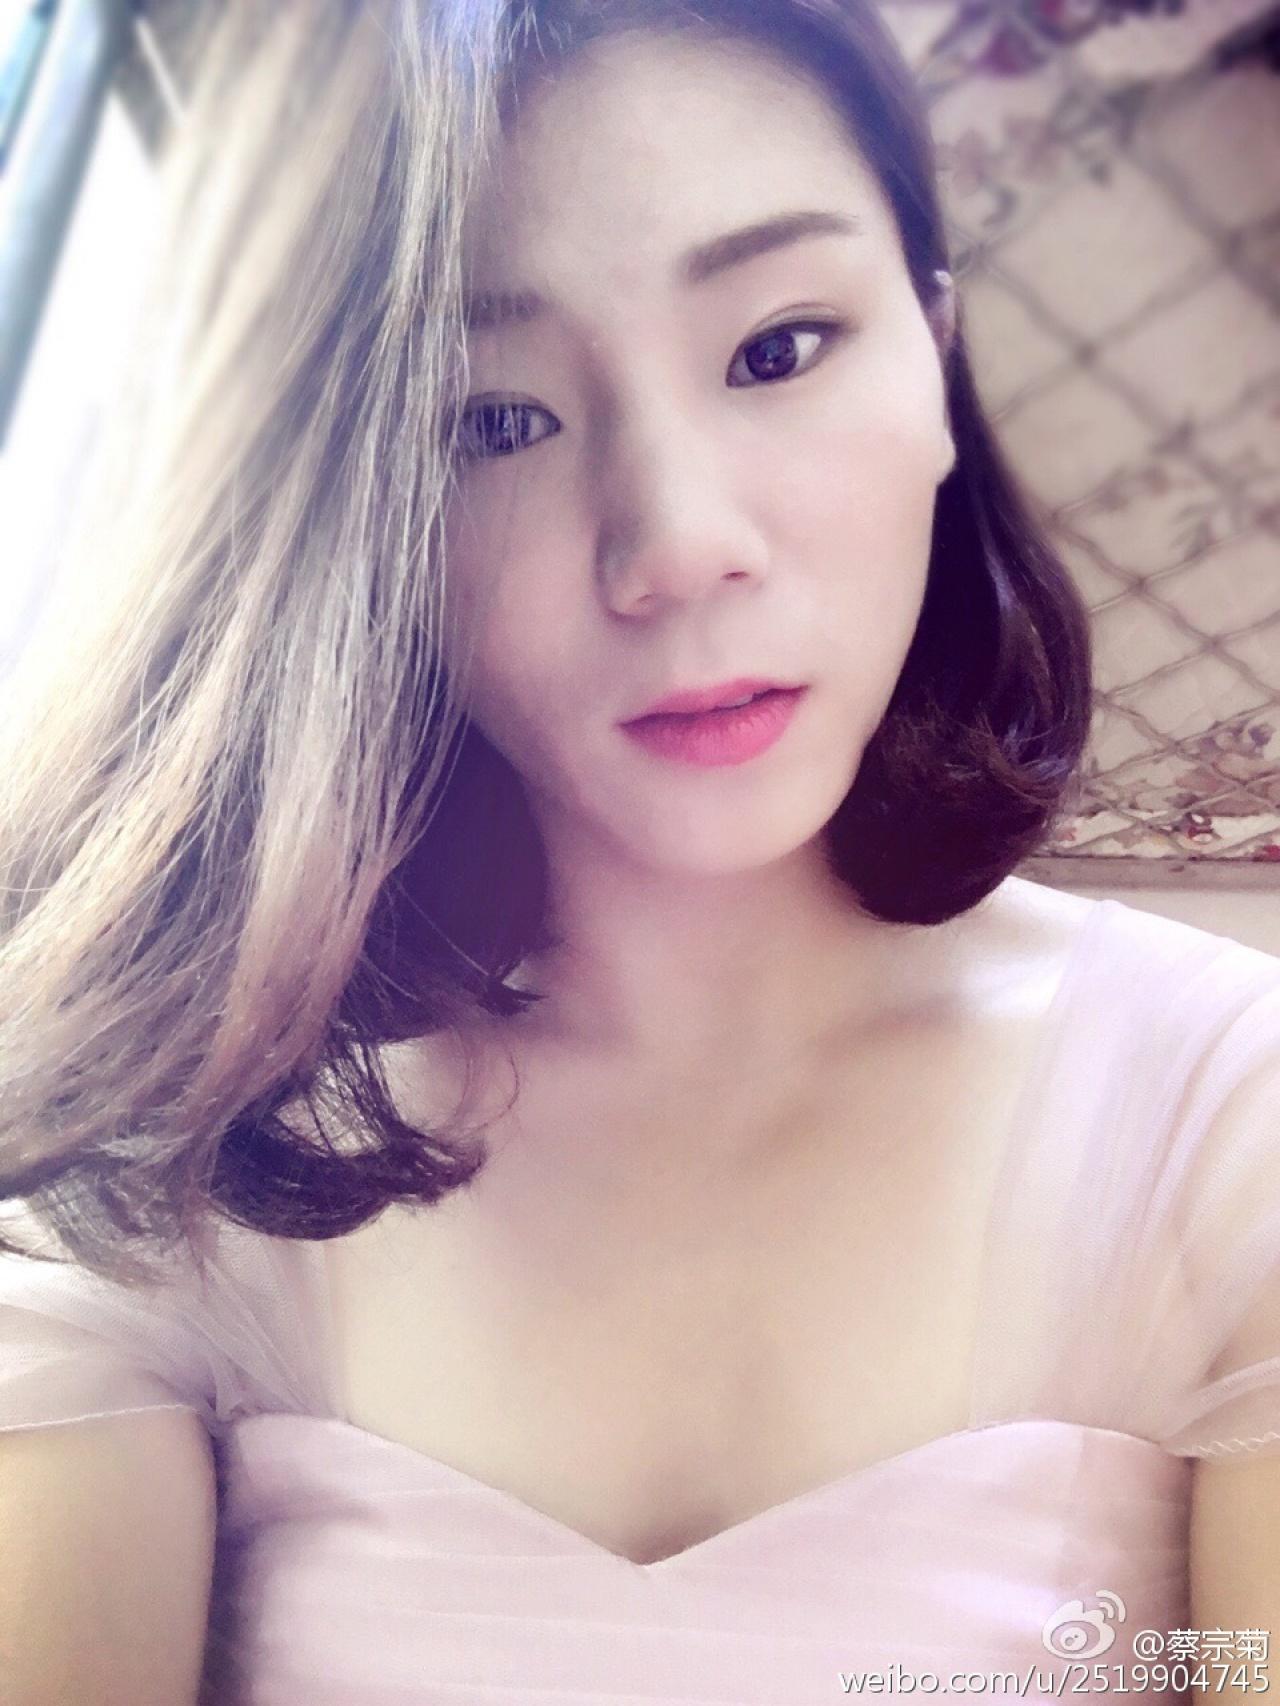 蔡宗菊十分愛美,經常在微博上載自拍照。(蔡宗菊微博)